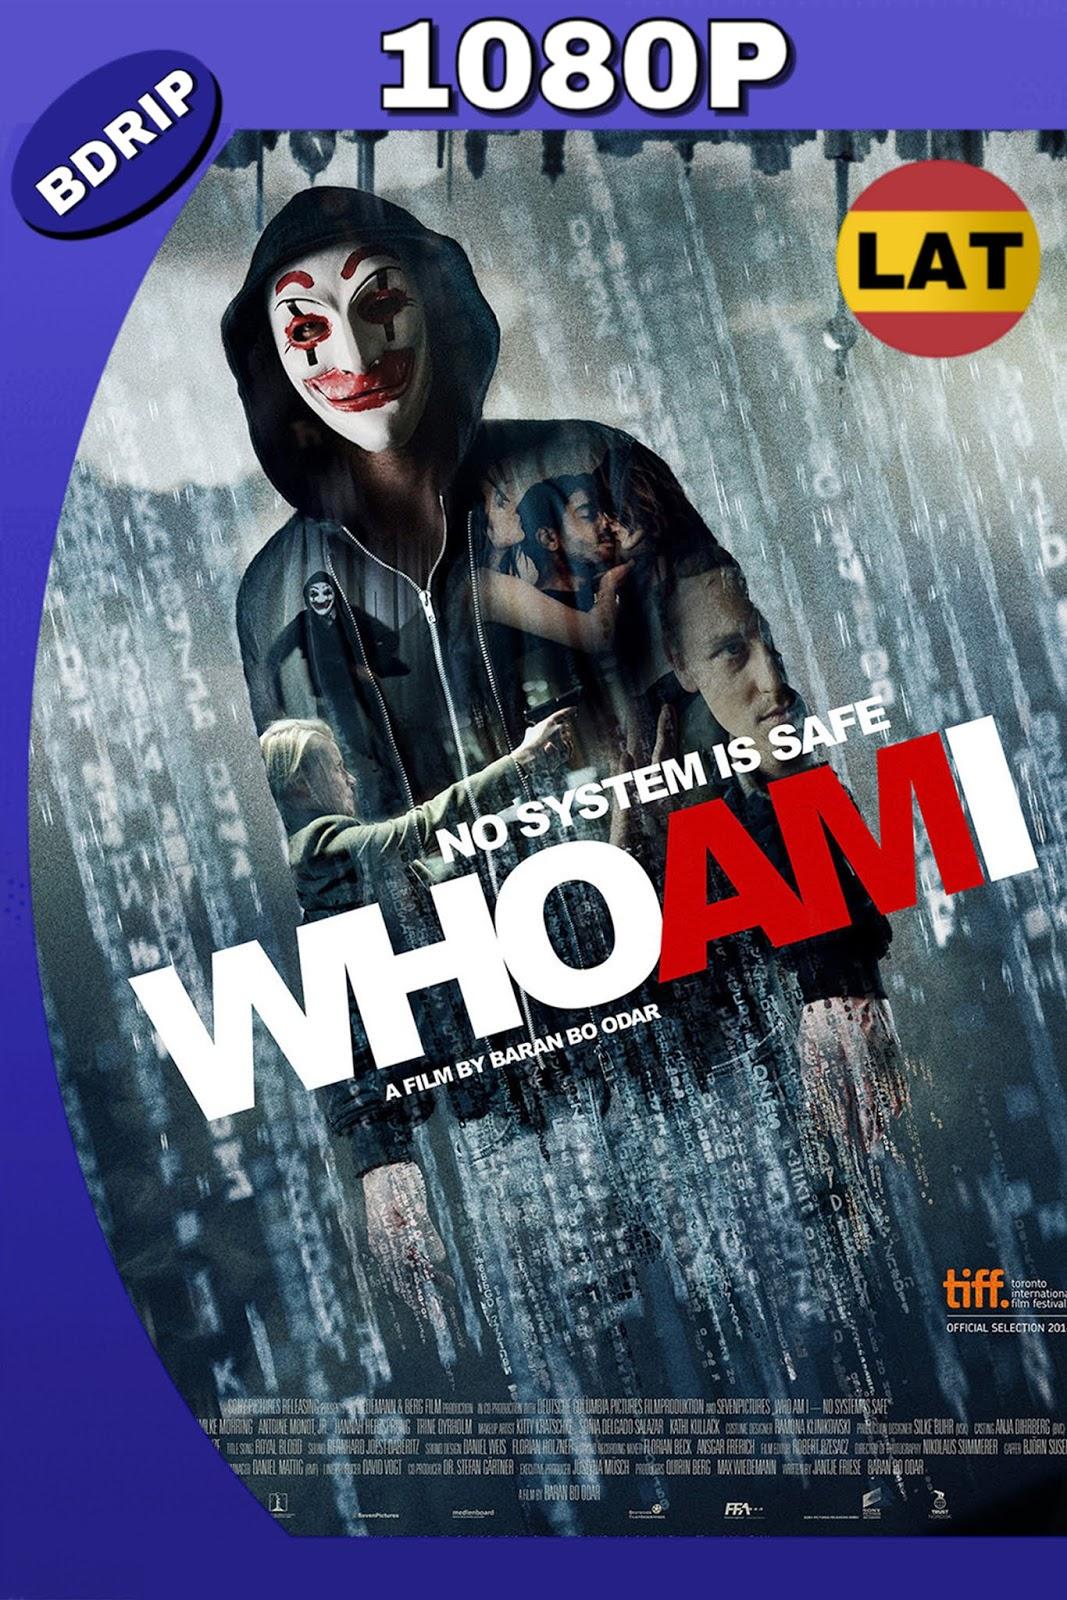 WHO AM I NINGÚN SISTEMA ES SEGURO 2014 LAT-ING BDRIP 1080P 11GB.mkv